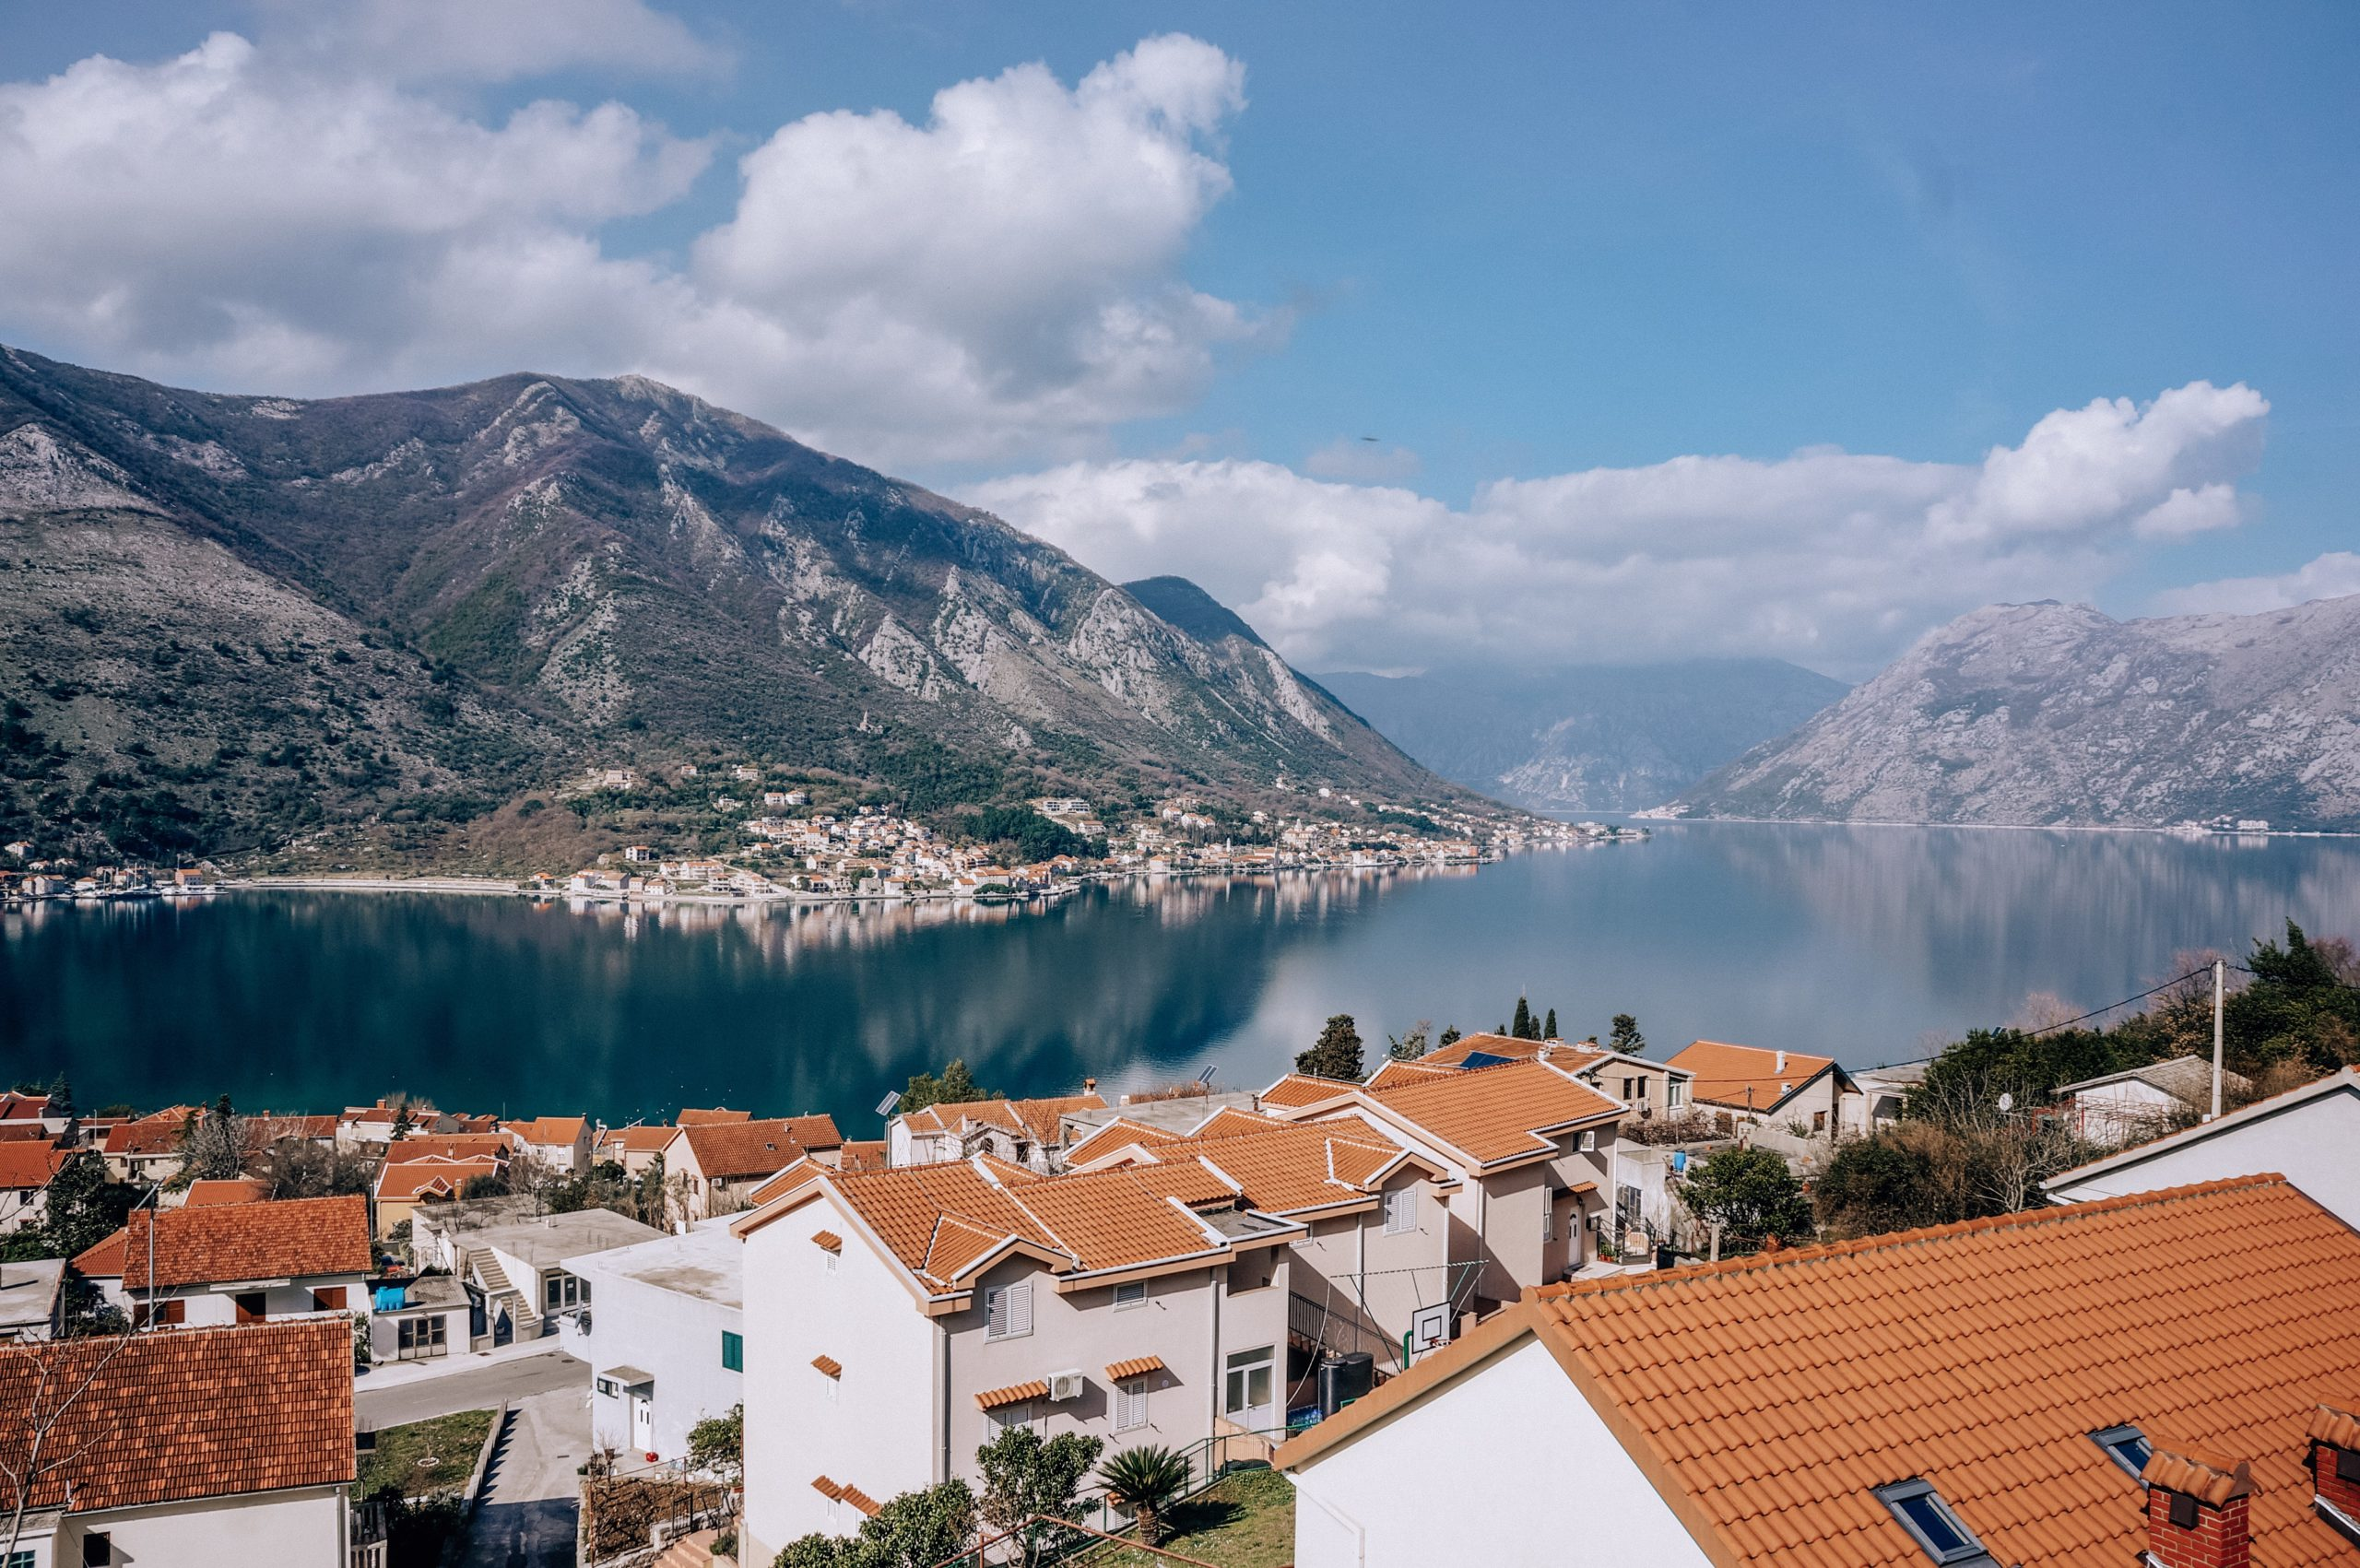 центре внимания фото черногория в марте выпечка